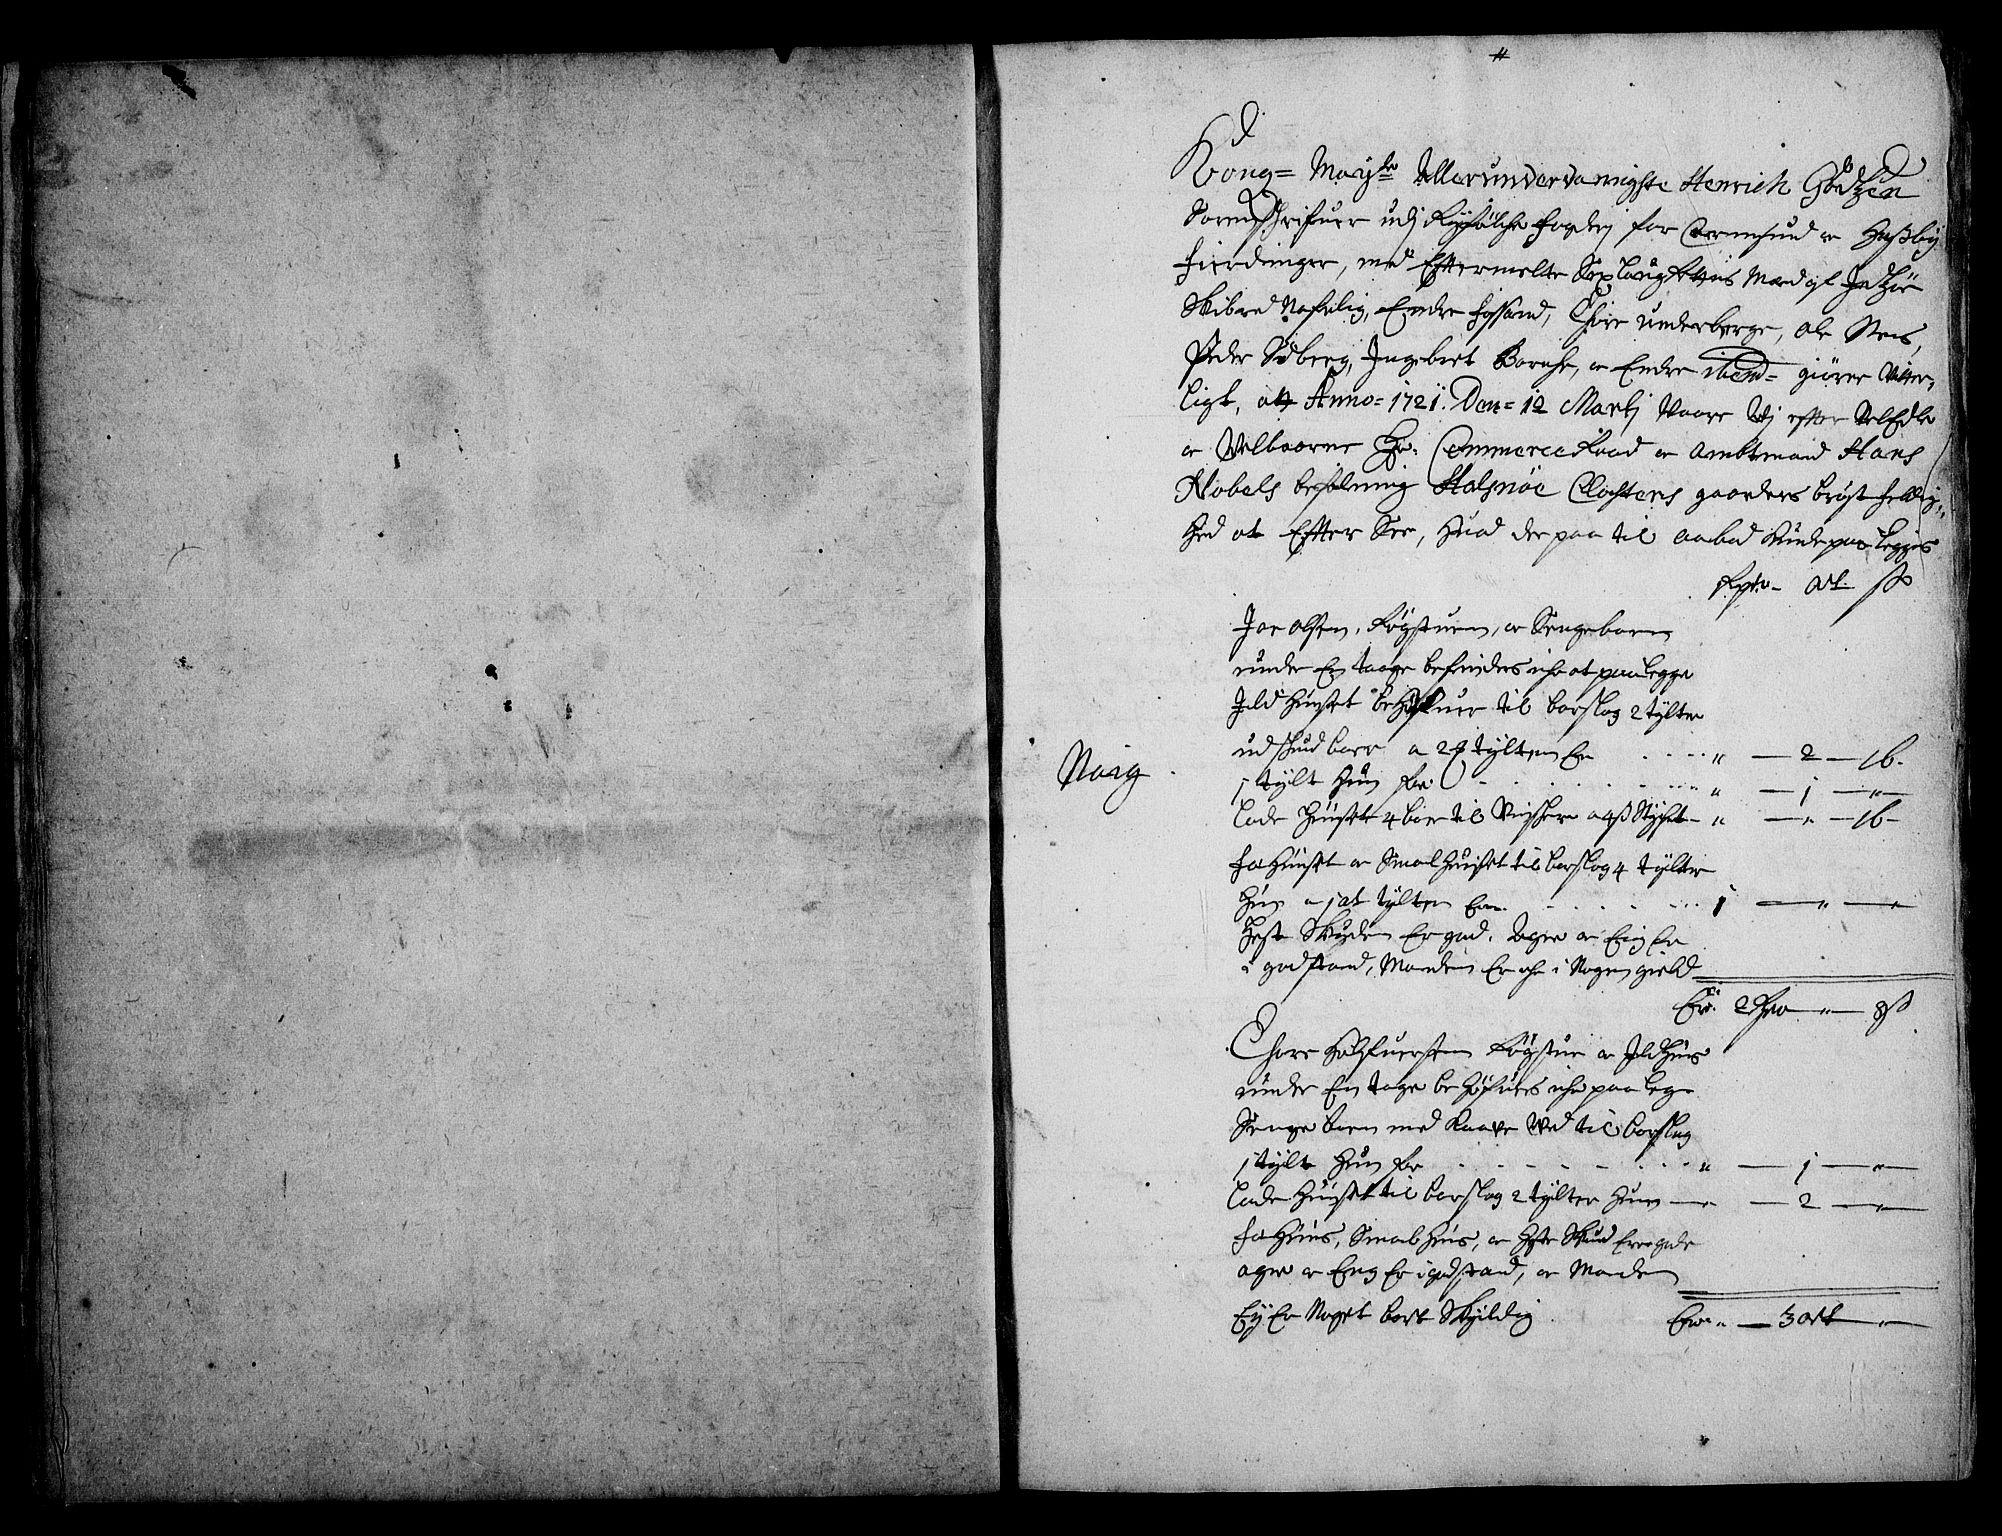 RA, Rentekammeret inntil 1814, Realistisk ordnet avdeling, On/L0003: [Jj 4]: Kommisjonsforretning over Vilhelm Hanssøns forpaktning av Halsnøy klosters gods, 1721-1729, s. 109